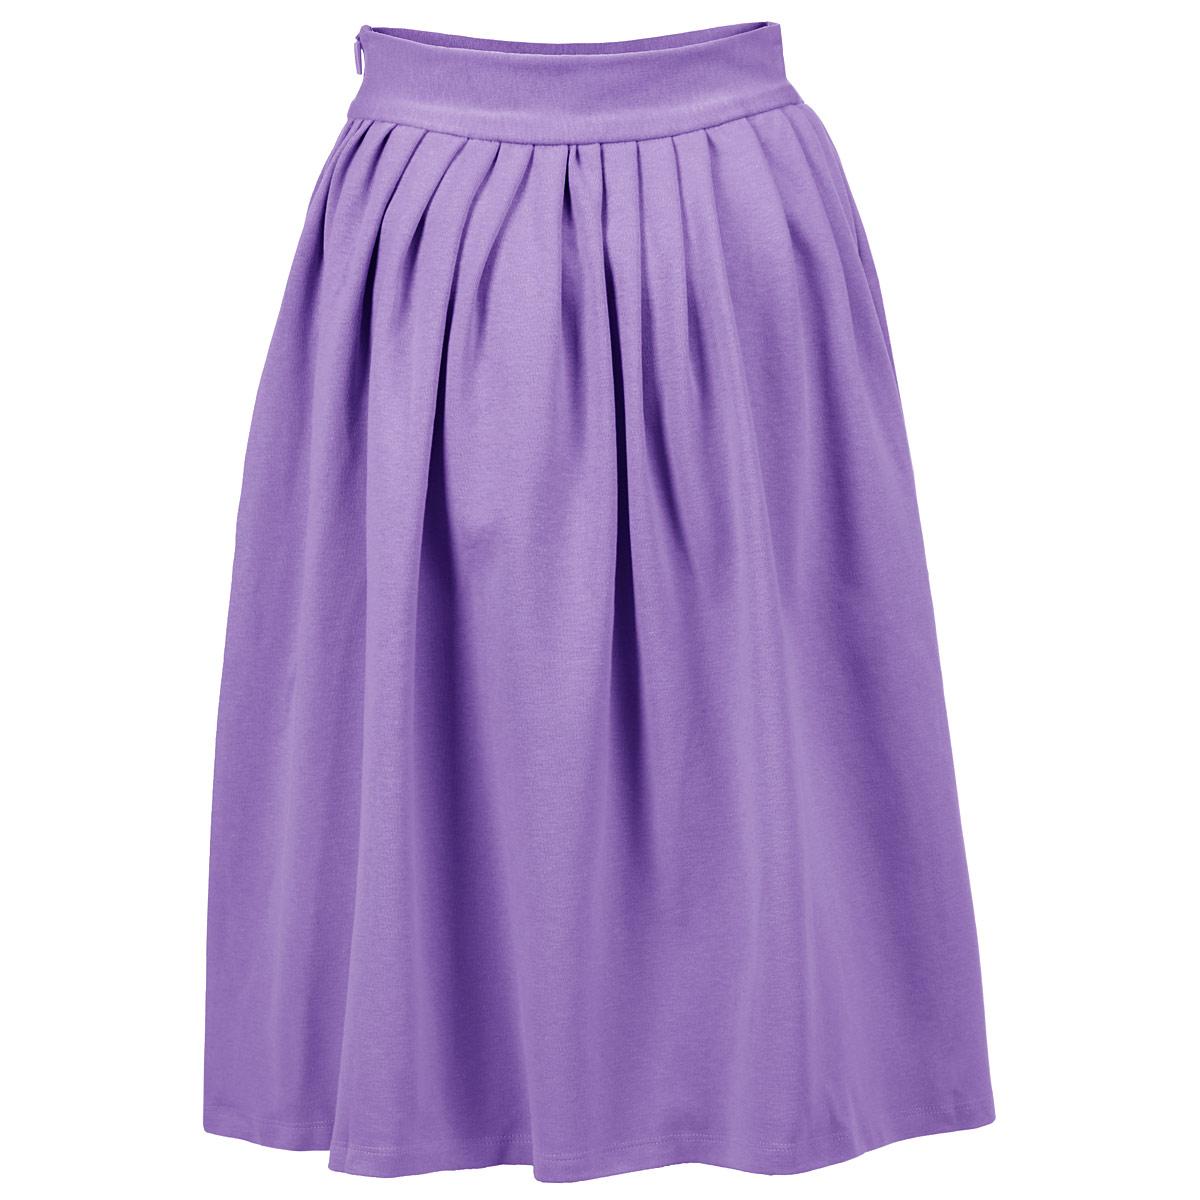 Юбка. U01T-MU01T-MСтильная юбка-миди от Анны Чапман специально создана для тех, кто ценит удобство и любит порадовать себя красивыми вещами. Модель на широком поясе миди-длины превосходно подчеркнет стройность фигуры. Юбка выполнена из плотного материала - 100% хлопка. Сбоку предусмотрена потайная молния. Классический фасон и подчеркнуто женственный силуэт сделает ваш образ непревзойденным.